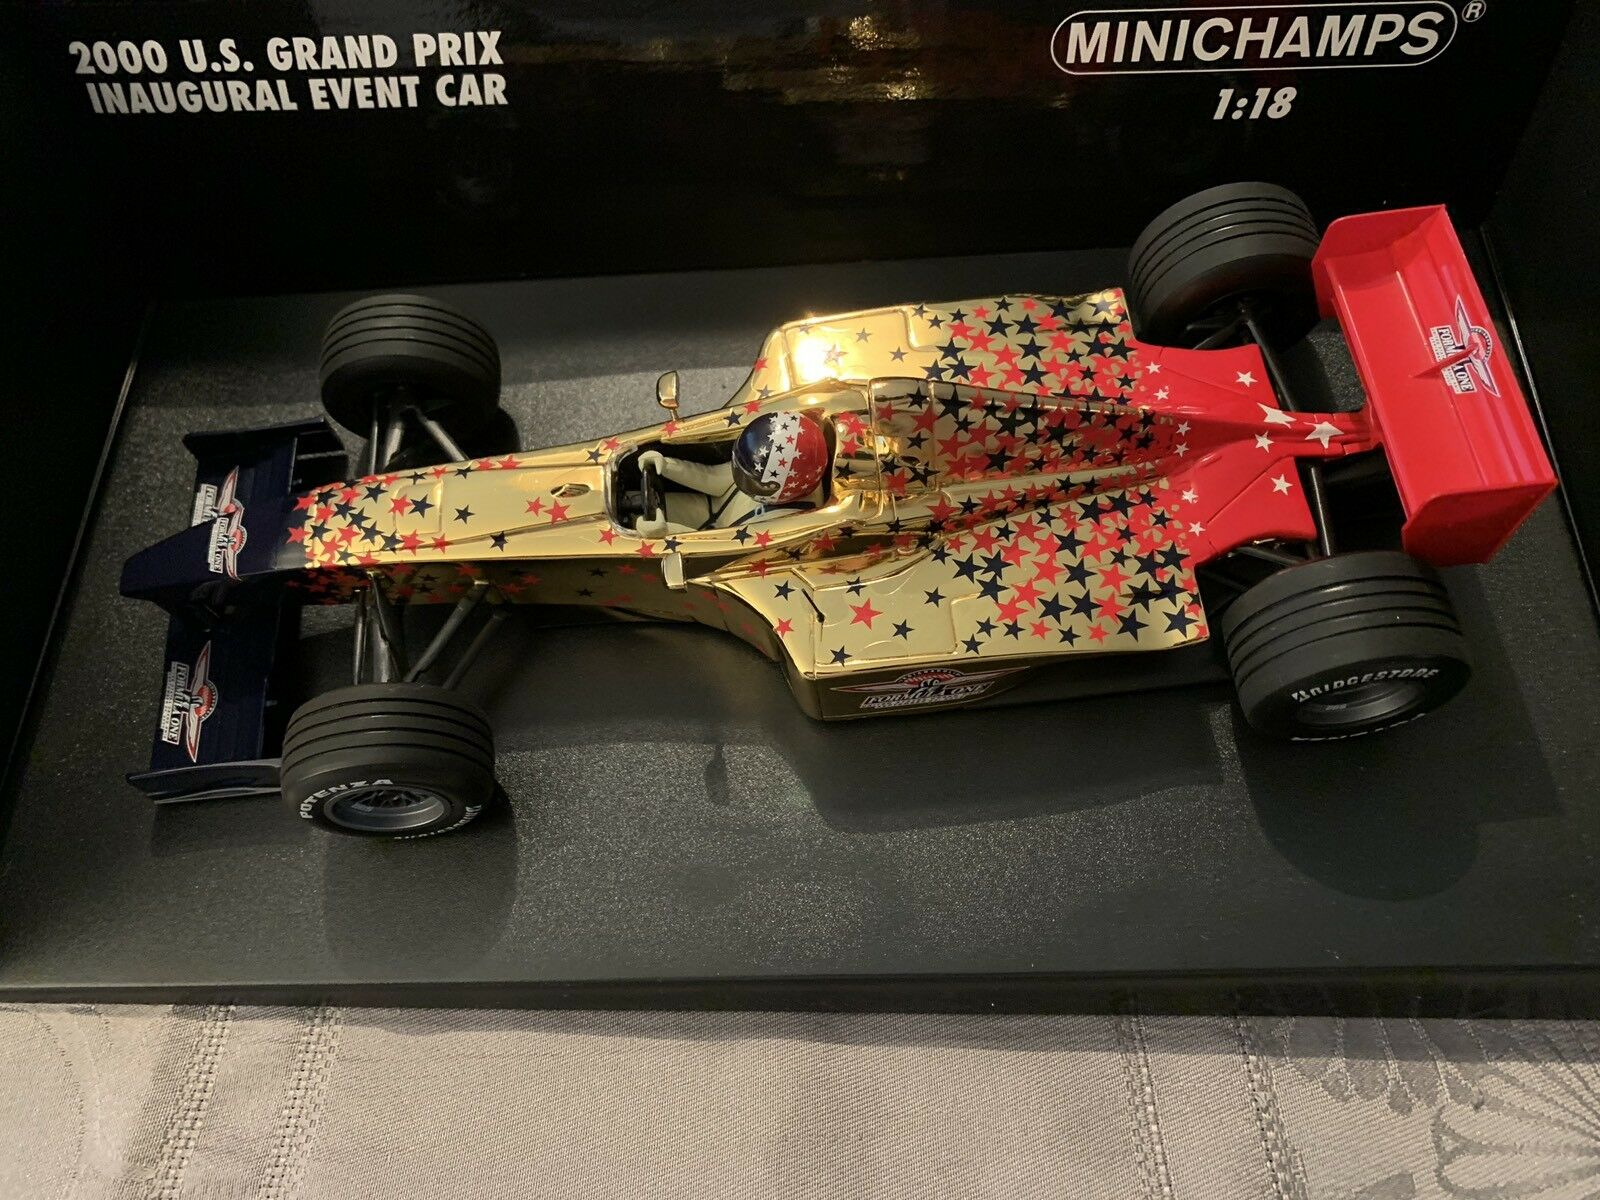 1 18 ème   IMS EVENT CAR GP USA 24 SEPTEMBRE 2000 - MINICHAMPS Réf. 100633 F1